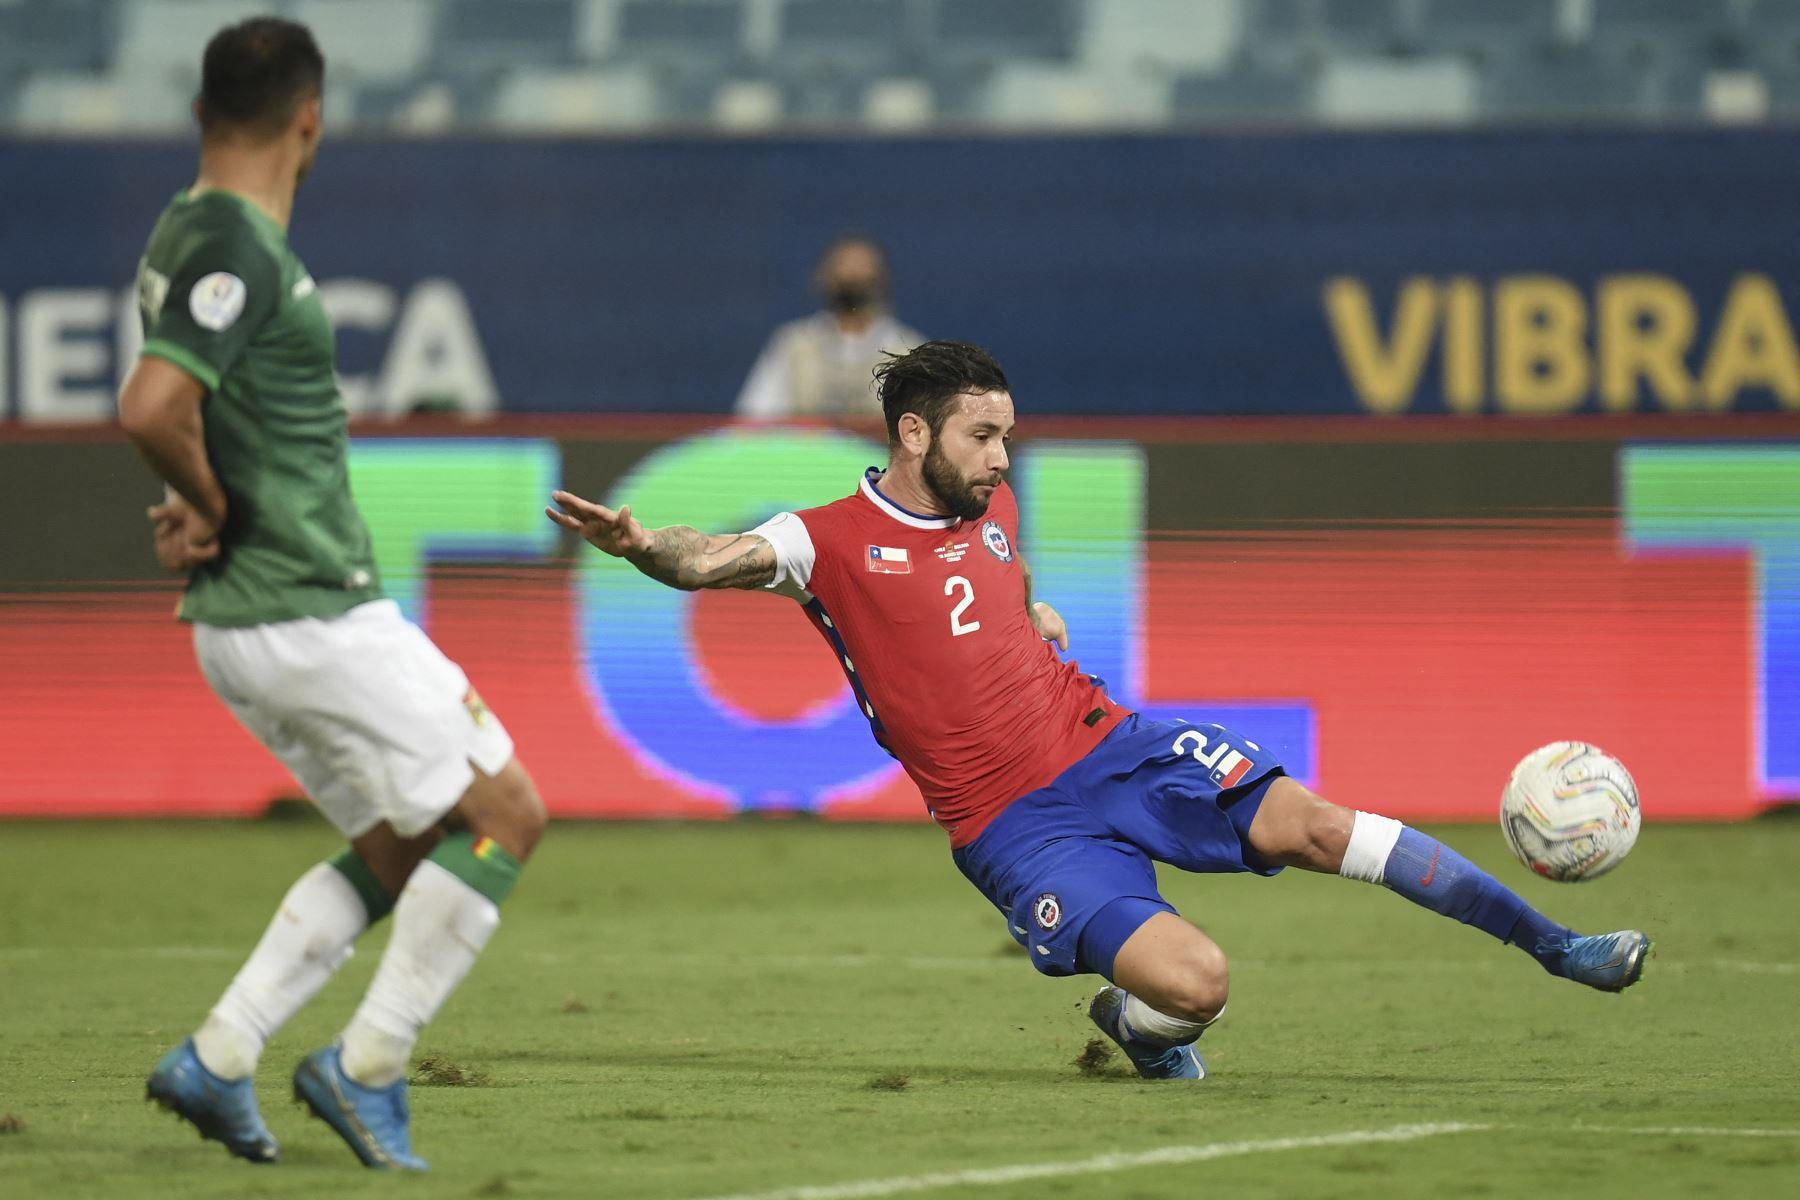 El chileno Eugenio Mena dispara el balón mientras el boliviano Diego Bejarano intenta bloquearlo durante partido de la fase de grupos de la Copa América, en el Pantanal Arena de Cuiabá, Brasil. Foto. AFP